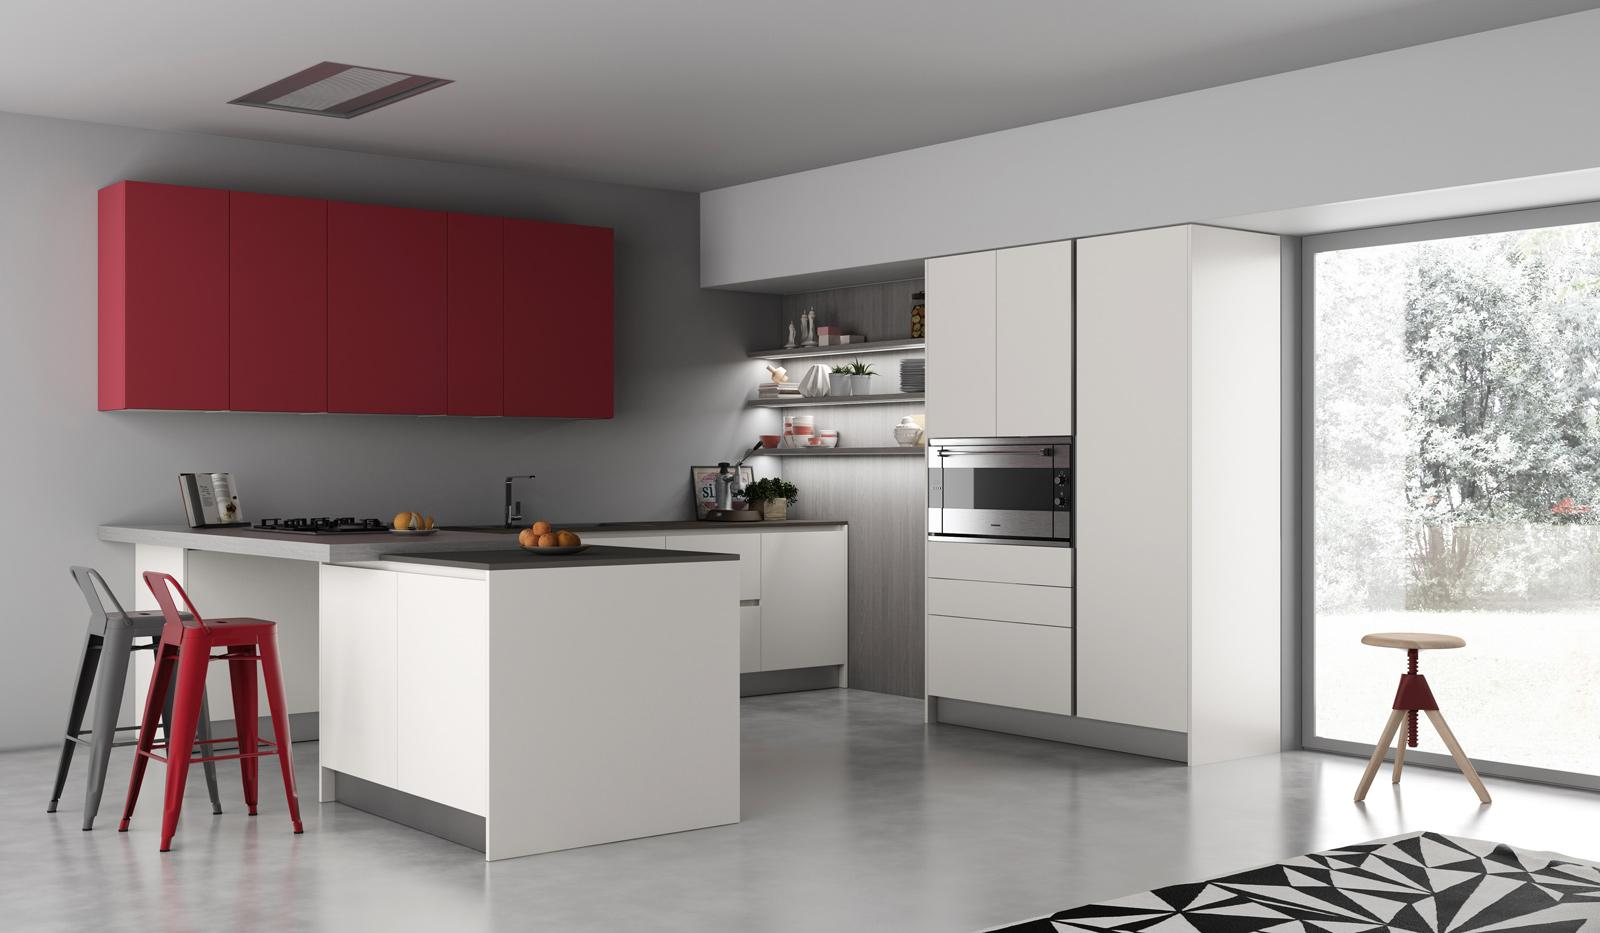 interior desing rumah minimalis kitchen mengandung lebih